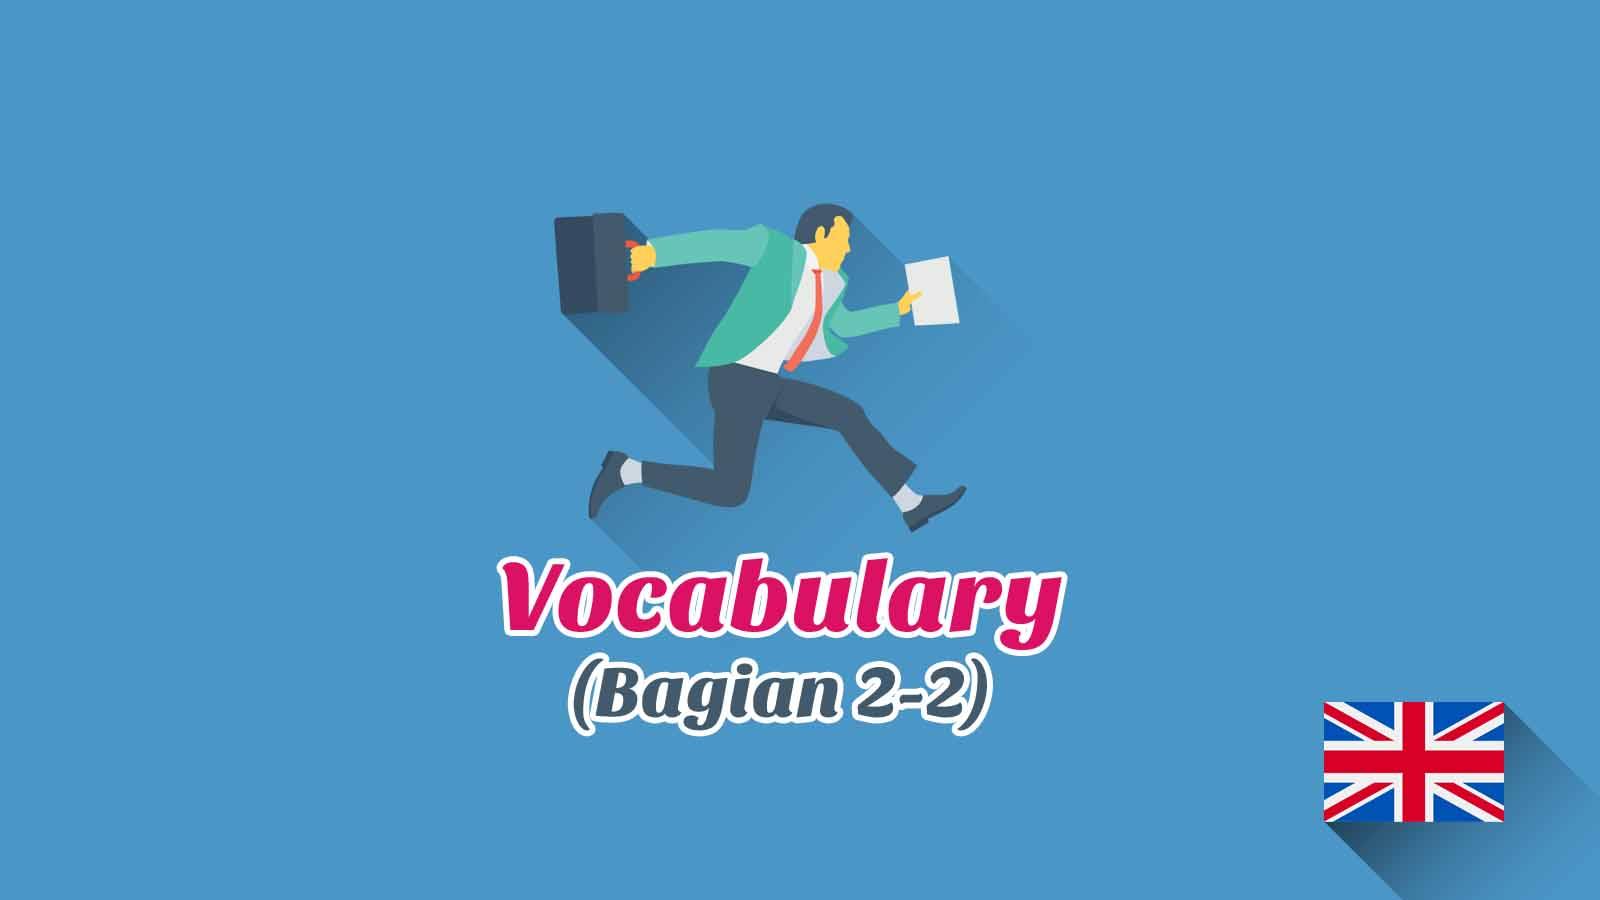 Kosakata Bahasa Inggris Aktivitas Harian Disertai Gambar, Audio Dan Pronunciation (Bagian 2-2)